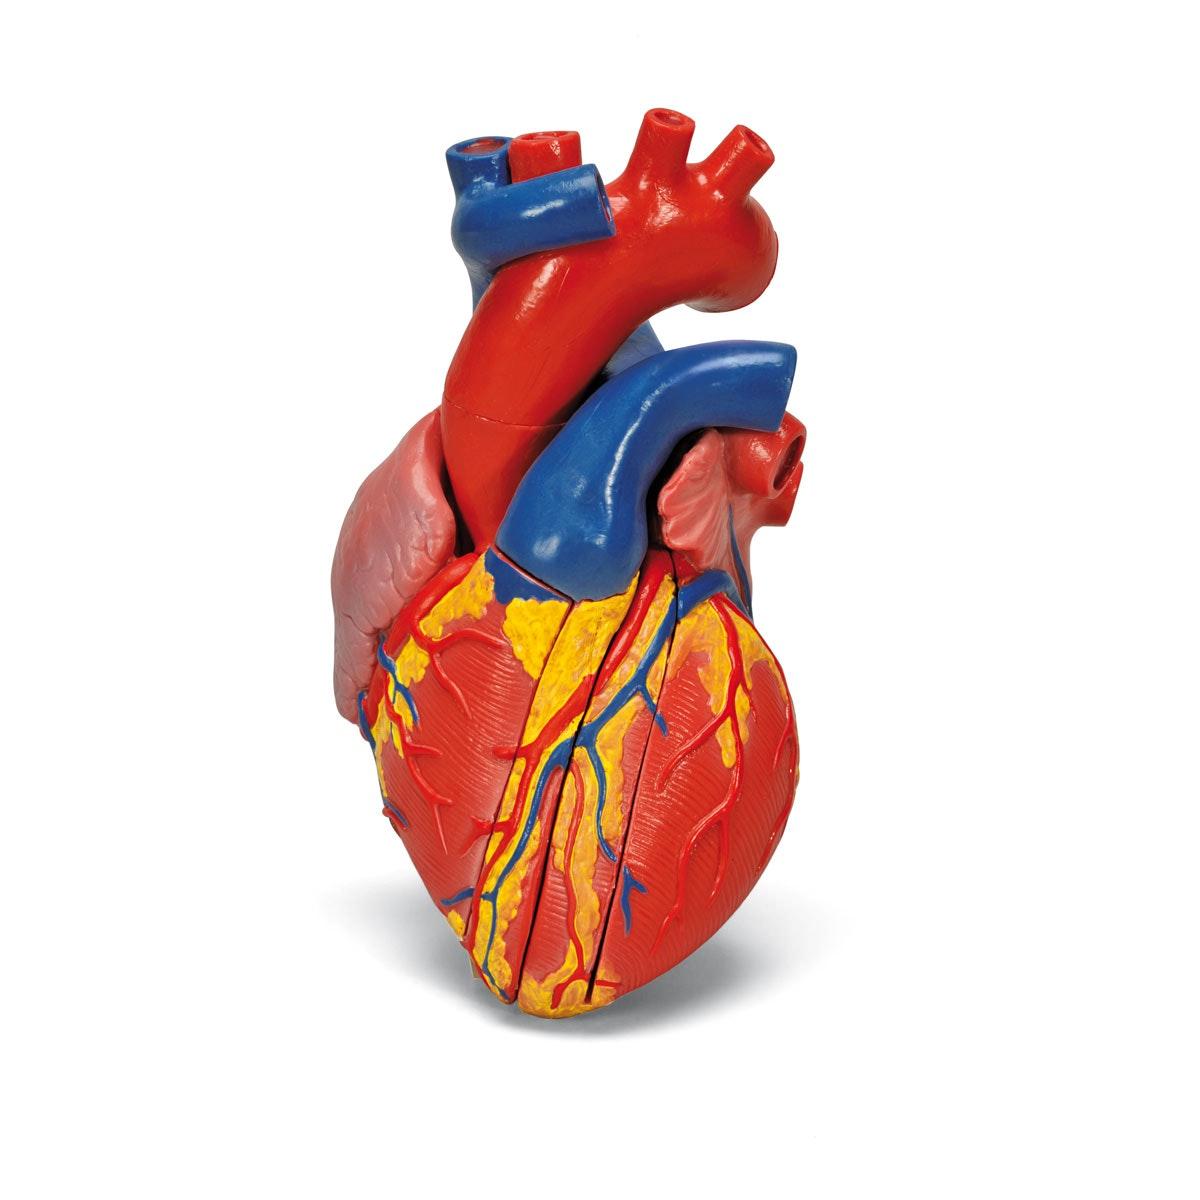 Hjertemodel med fokus på de 4 hjerteklapper og afstøbt efter et ægte hjerte